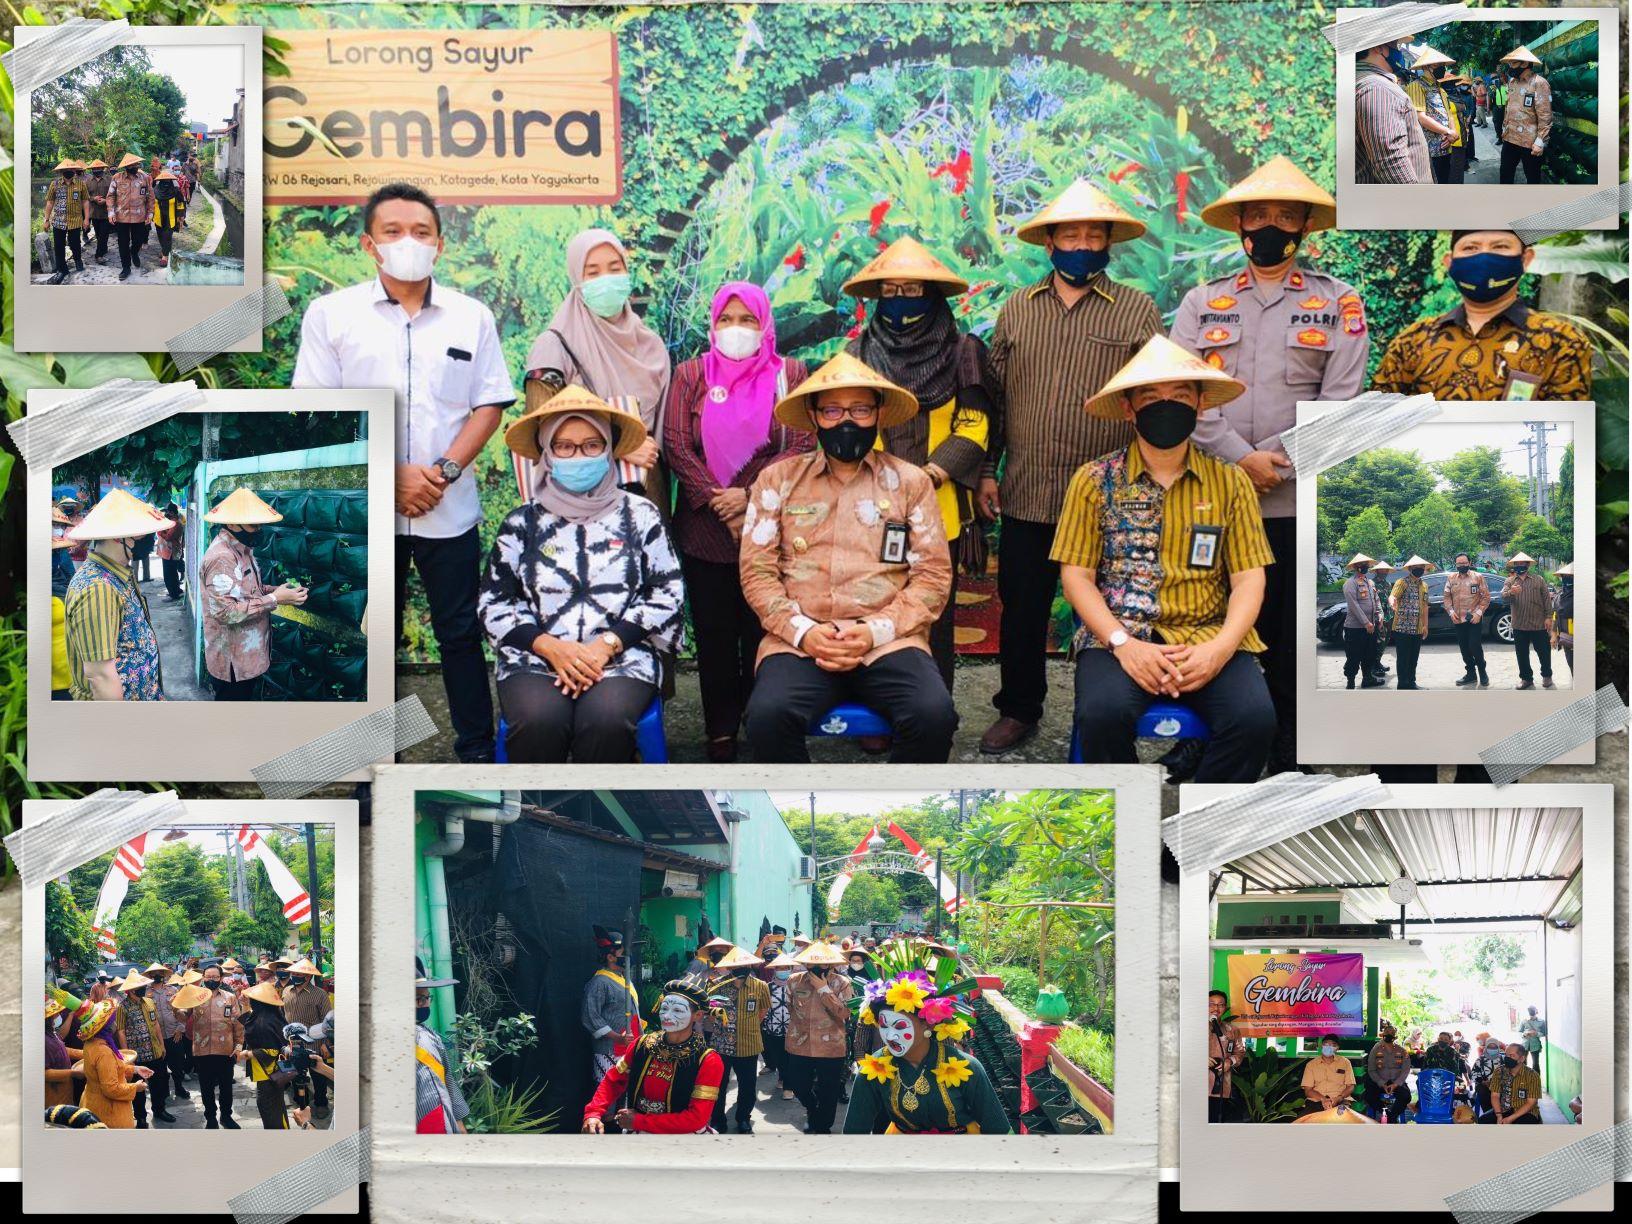 Penanaman Perdana di Kelompak Tani Lorong Sayur Gembira oleh Bapak Wakil Walikota Yogyakarta